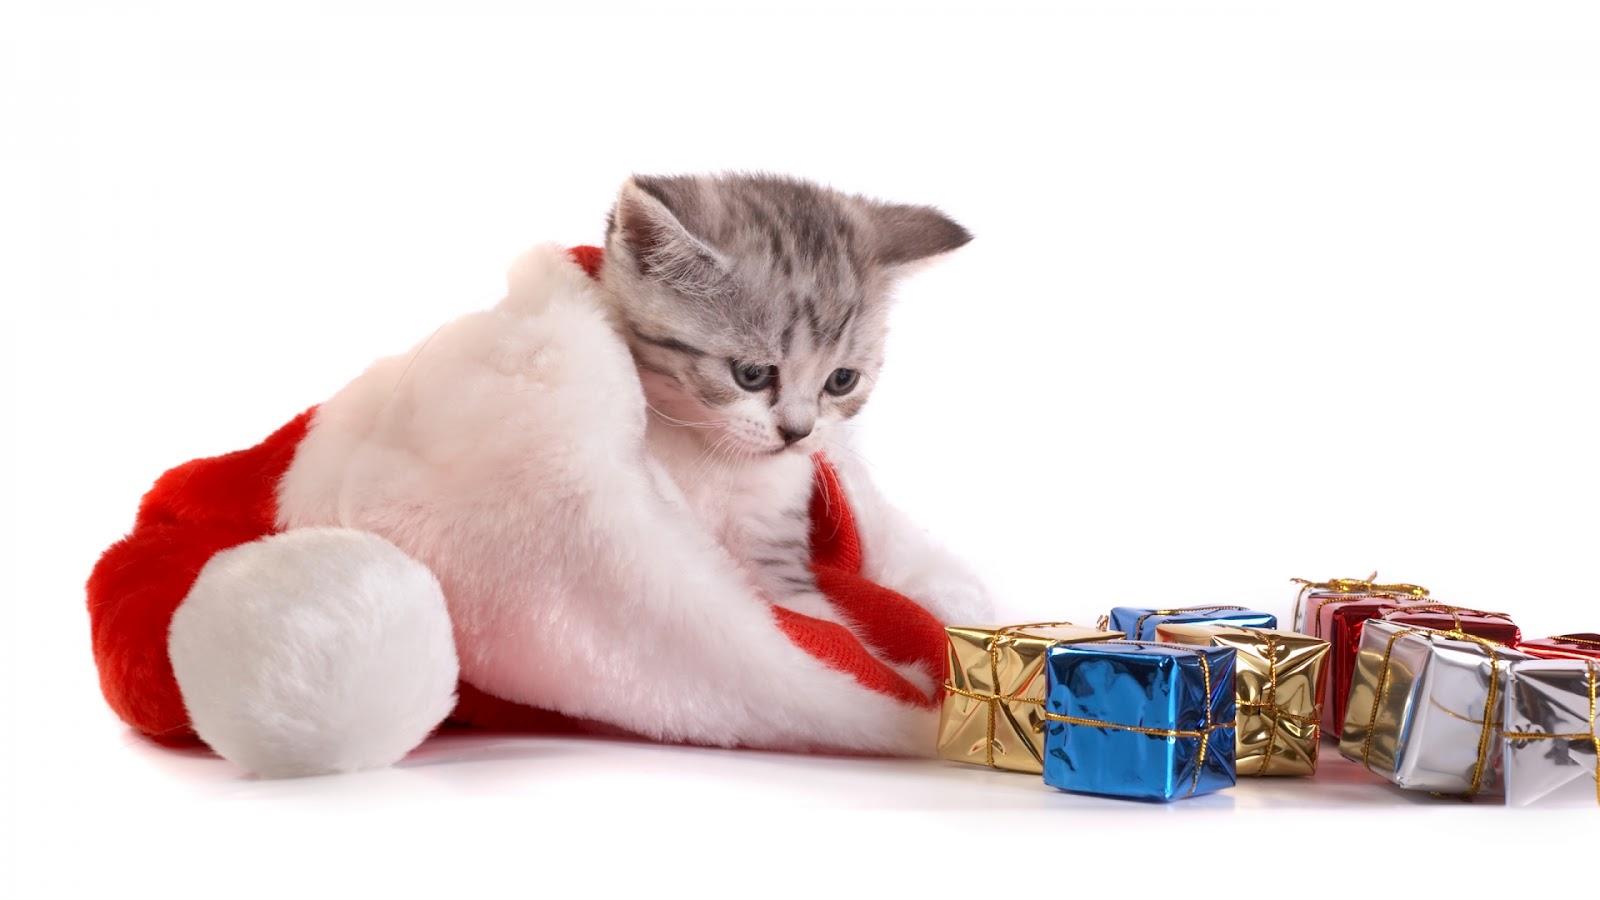 http://3.bp.blogspot.com/-W3B2W5ue6SM/UBvmqHTouUI/AAAAAAAAJlU/GjyFcFlOHmc/s1600/Christmas+Animal+wallpapers.jpg